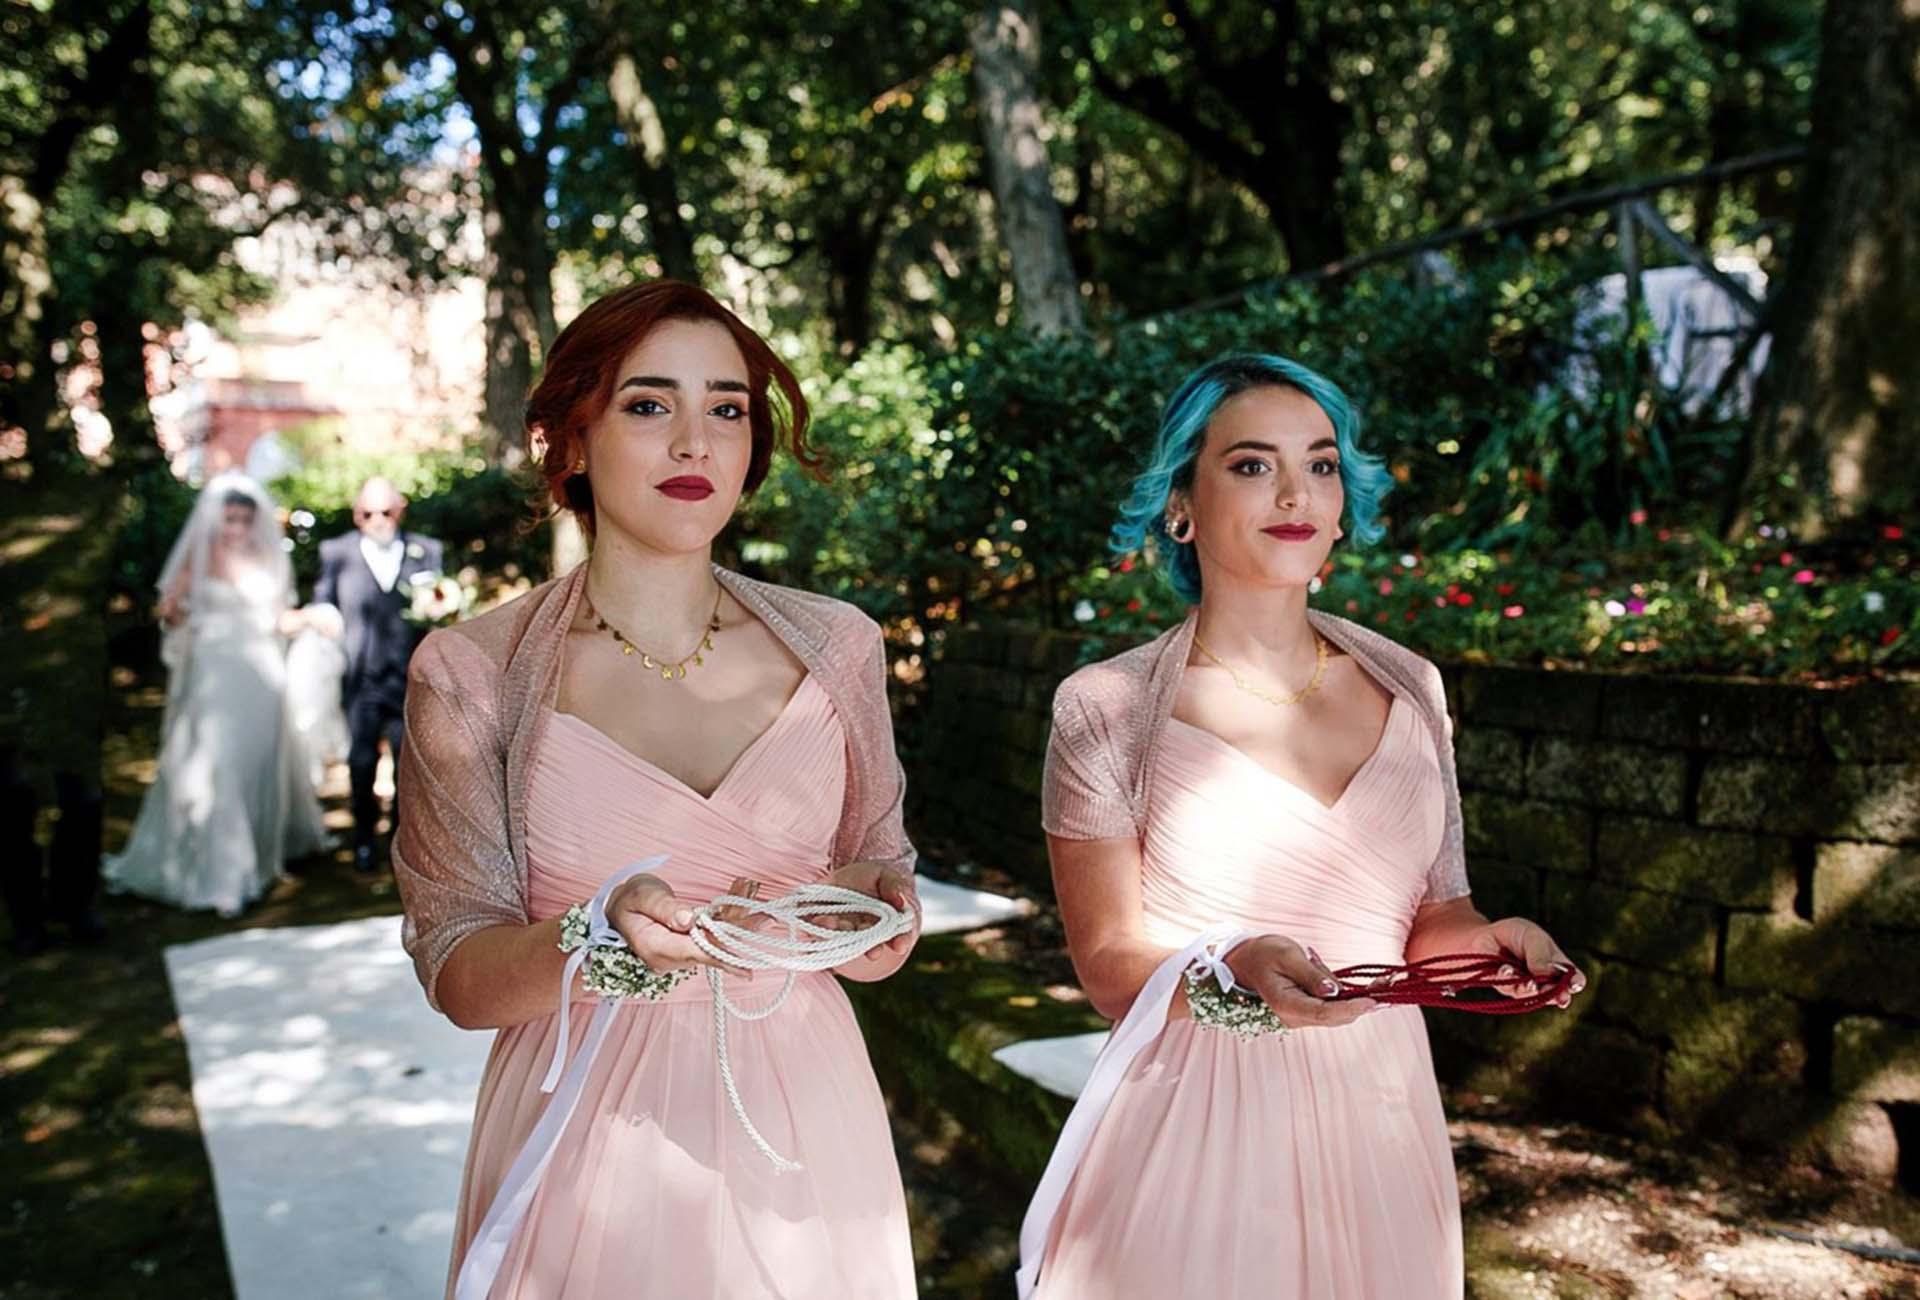 Damigelle di nozze ruolo Damigelle di nozze: chi sono e quale ruolo hanno nel matrimonio